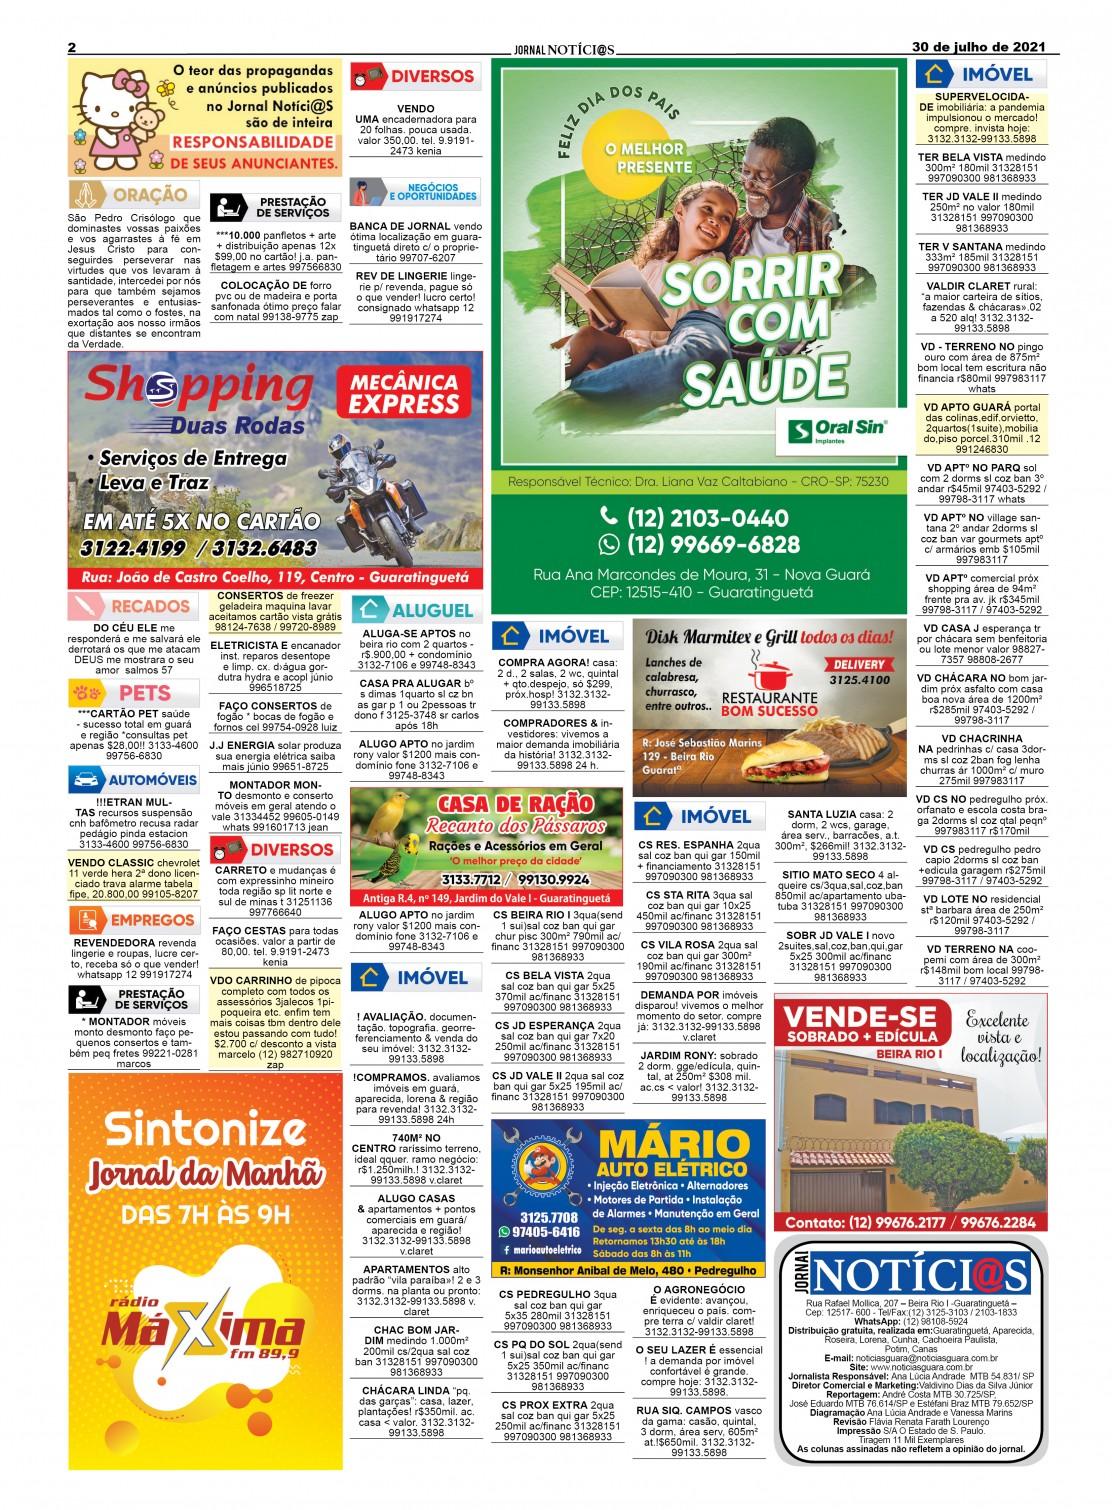 Edição nº1265 do Jornal pagina 1265